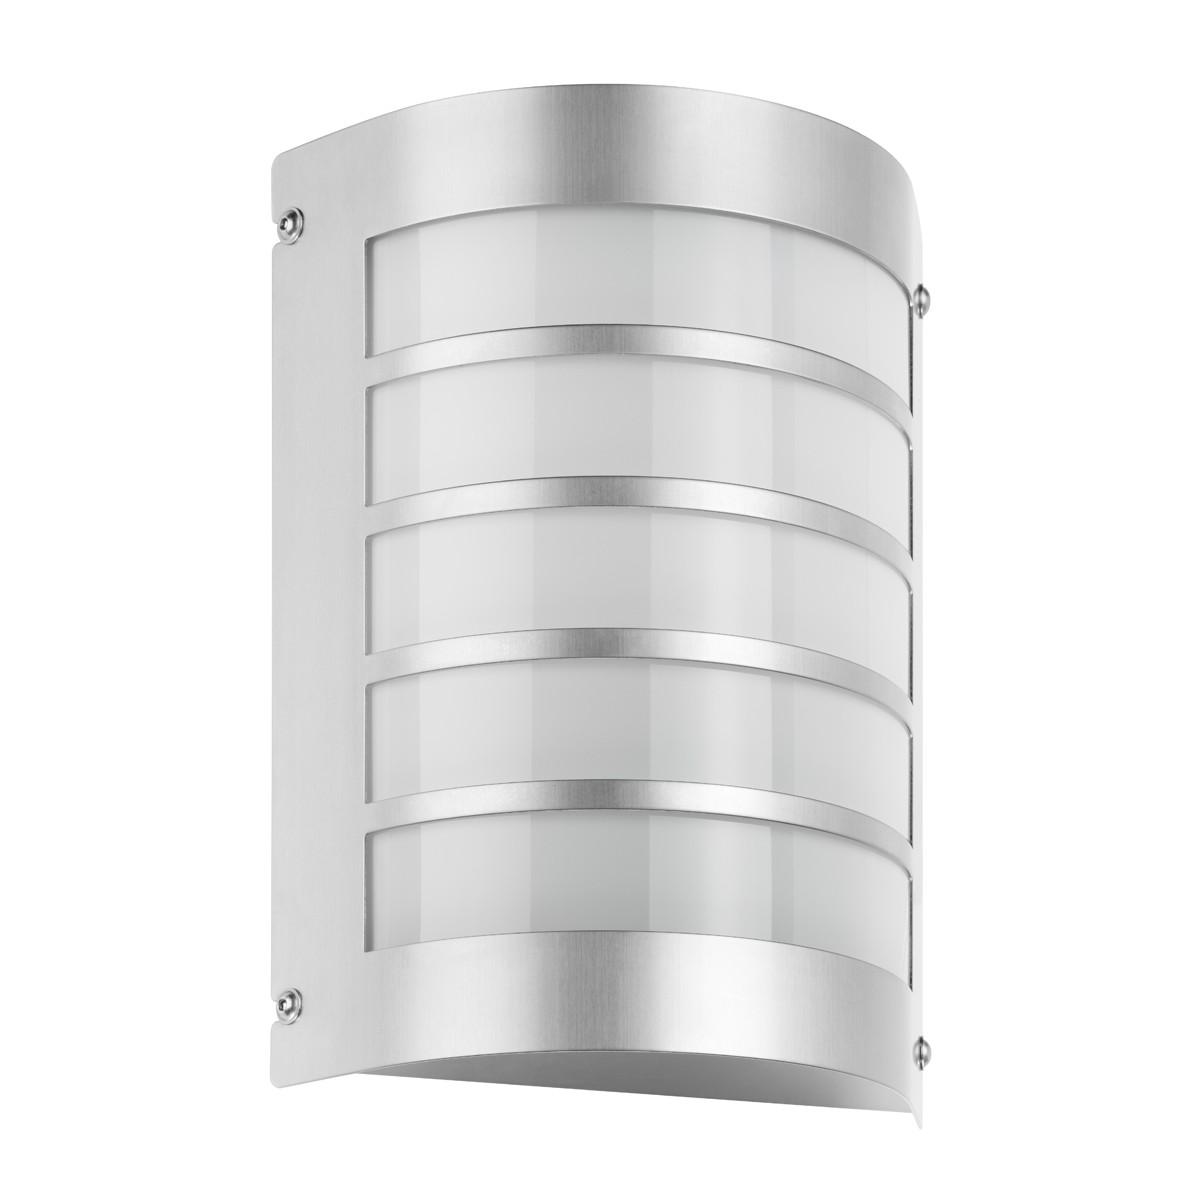 LCD Außenleuchten 5091 Wandleuchte, Edelstahl, ohne Bewegungsmelder